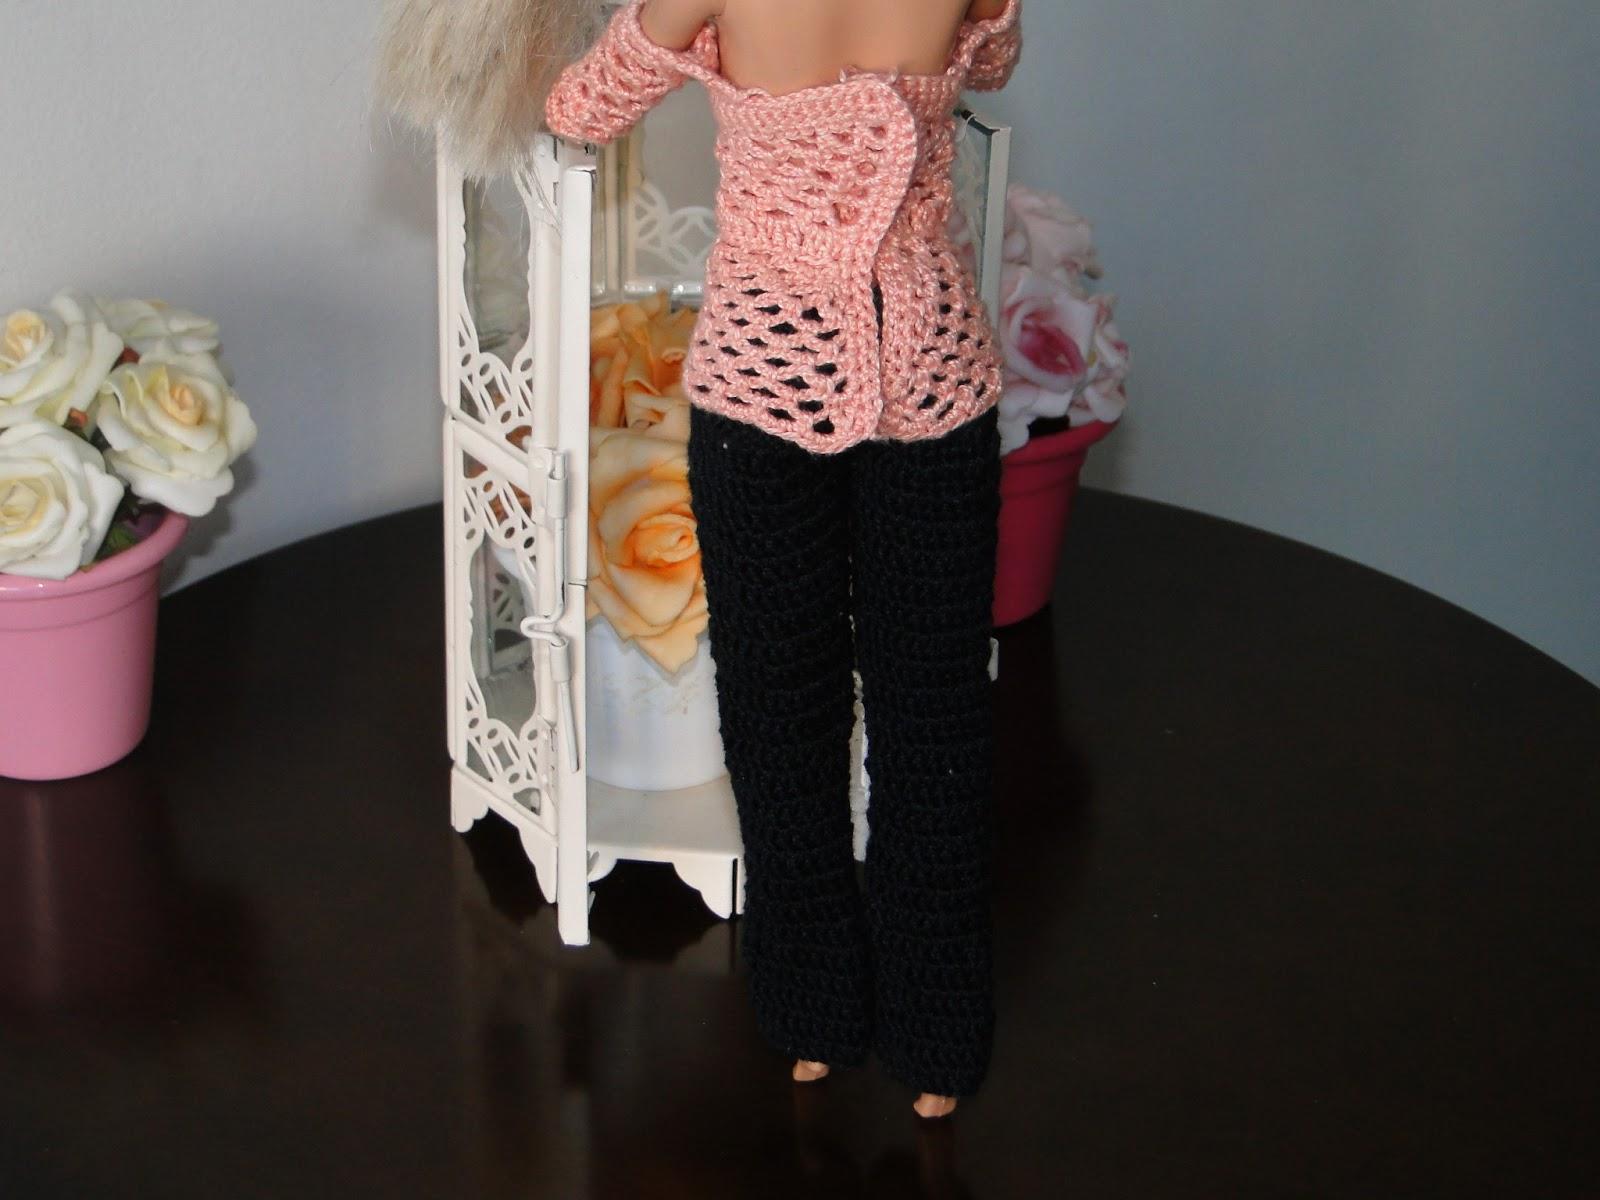 PAP e gráfico desta blusa de crochê para Barbie criada por Pecunia MillioM